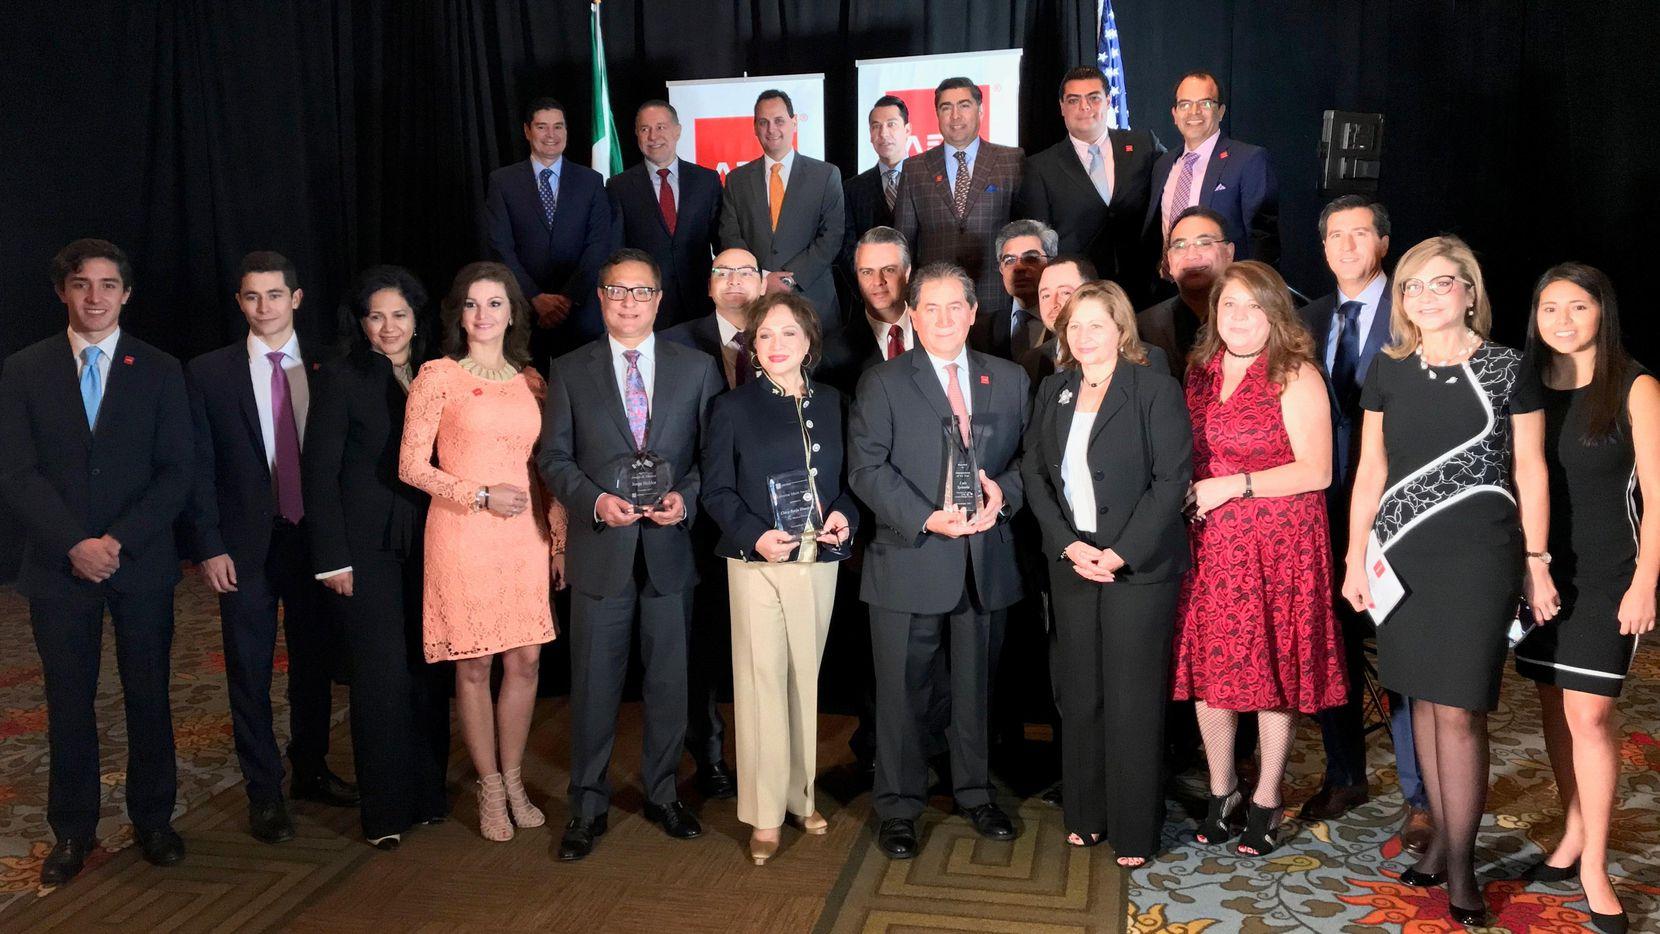 Luis Spinola, Jorge Baldor y Clara B. Hinojosa fueron reconocidos por la Asociación de Empresarios Mexicanos de Dallas.(CORTESIA CONSULADO GENERAL DE MEXICO EN DALLAS)